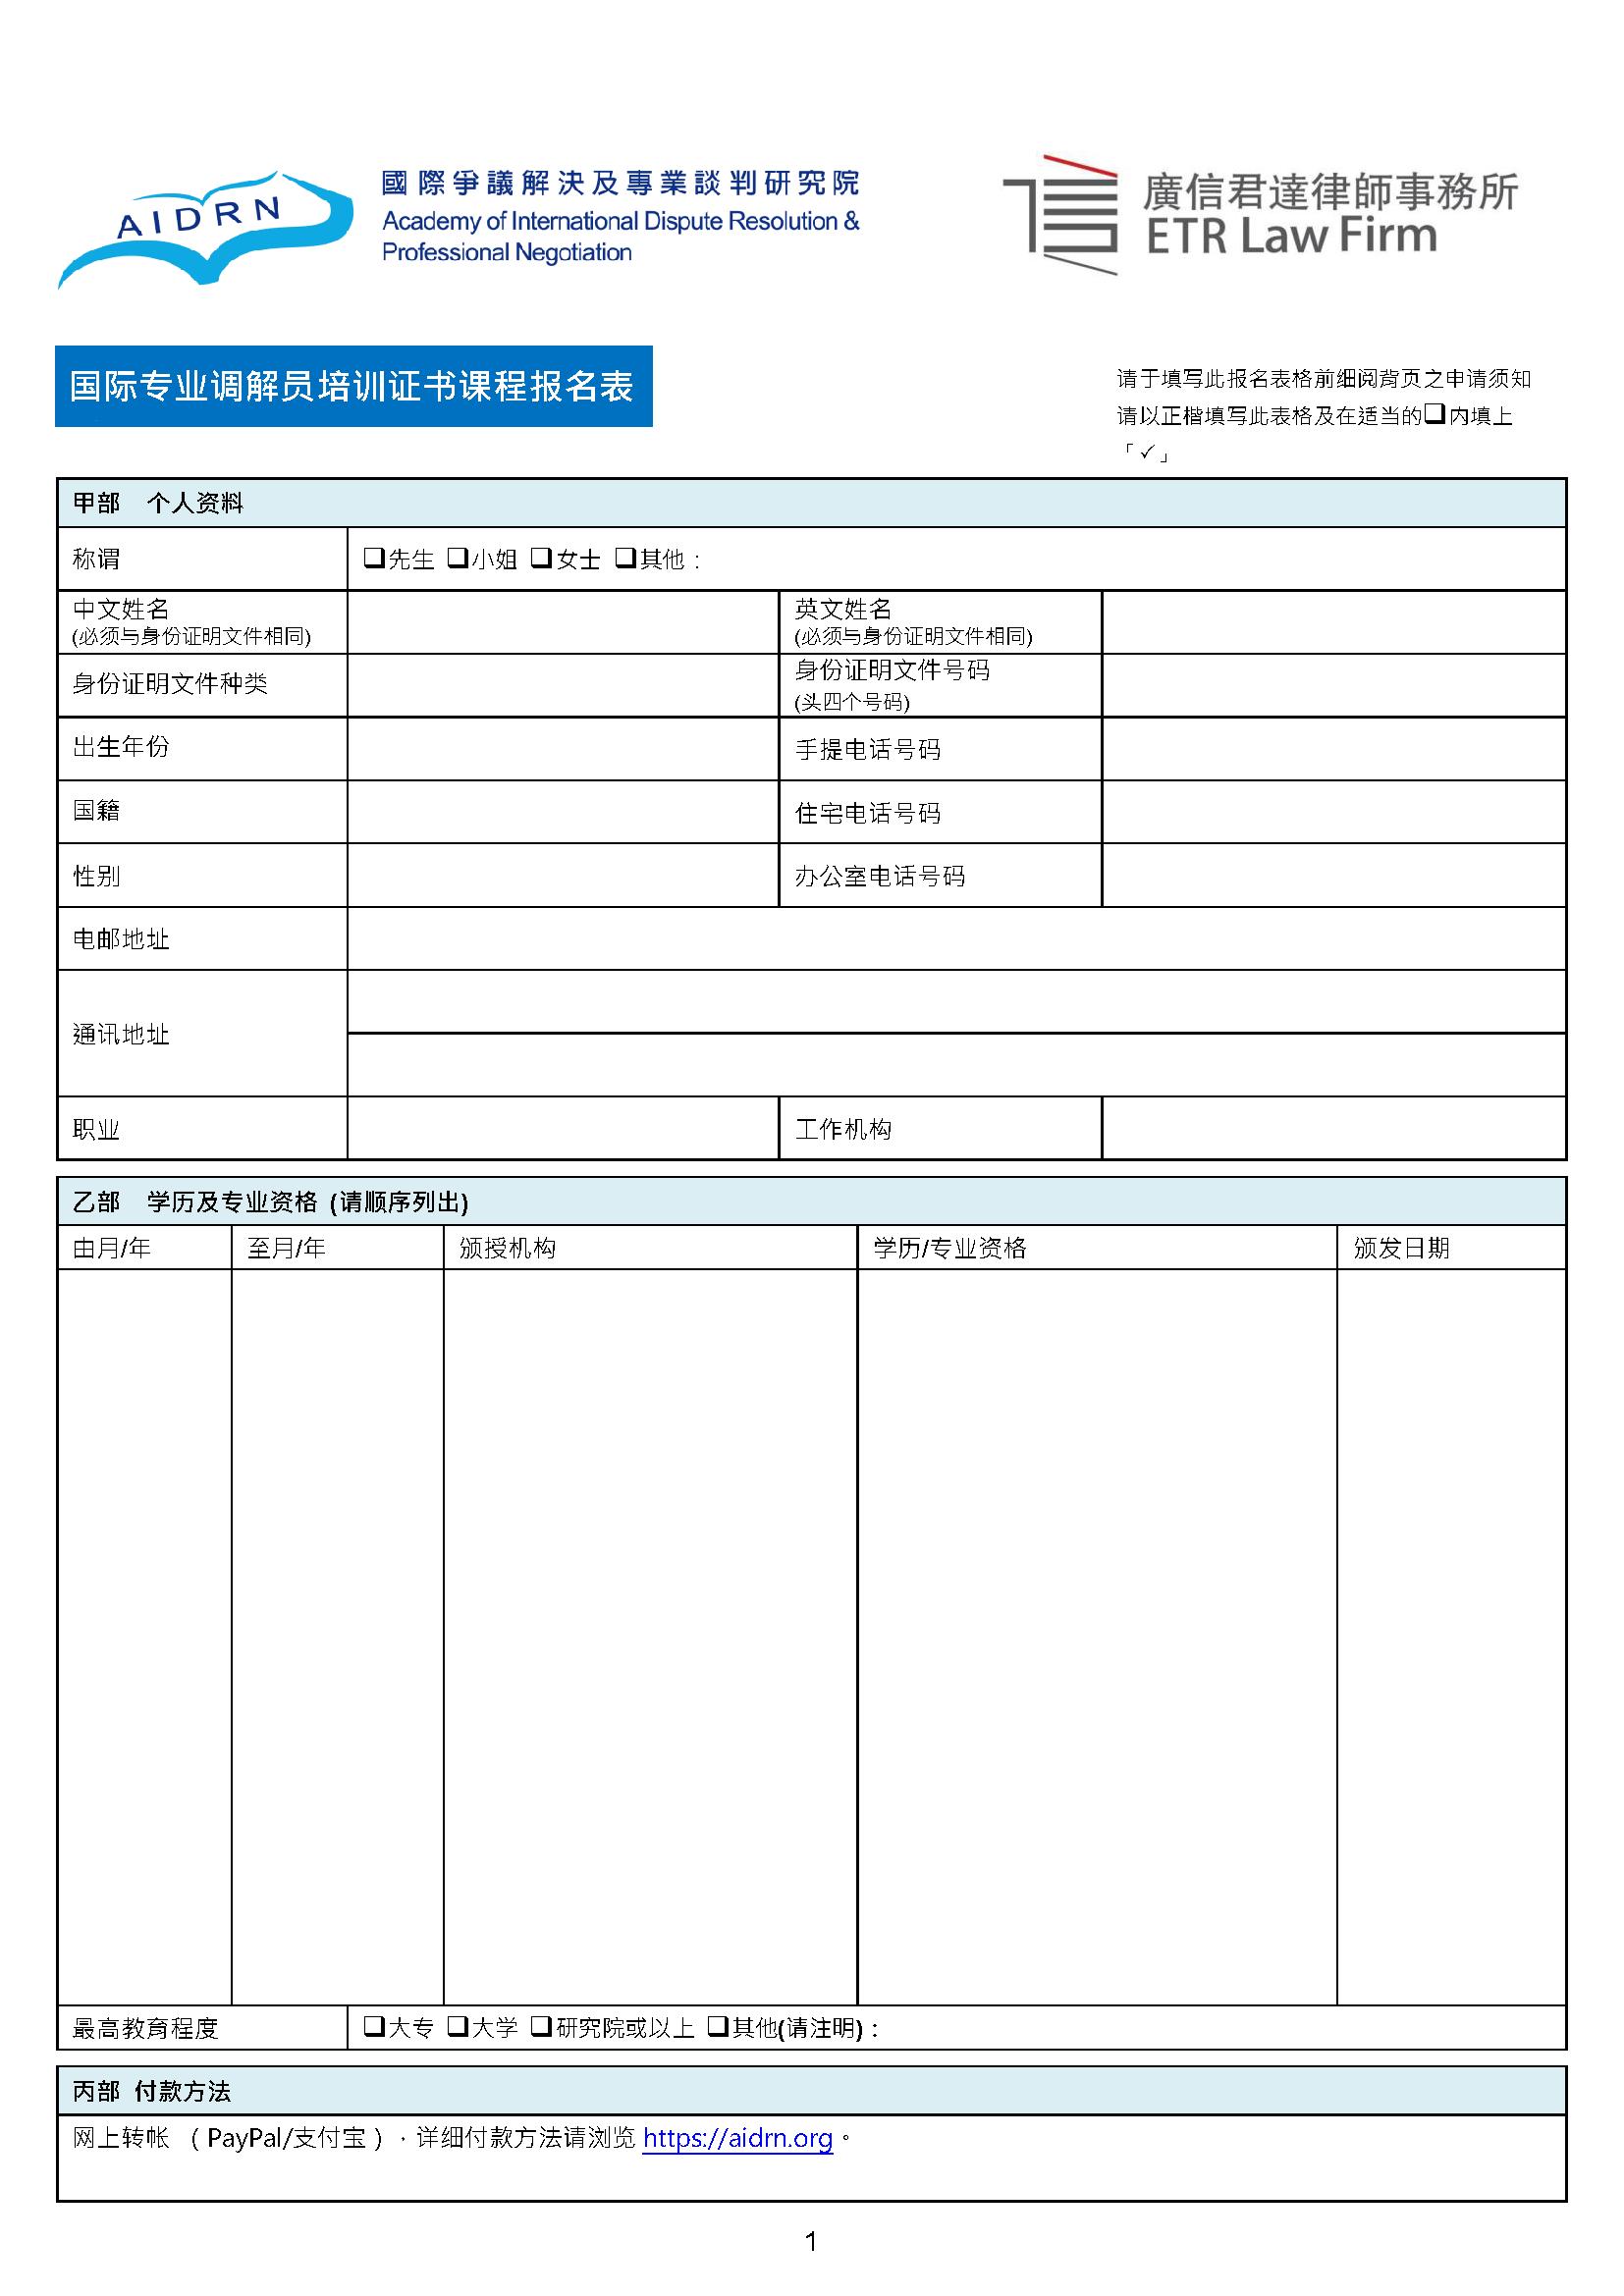 国际专业调解员培训证书课程报名表格 (广信君达)_頁面_1